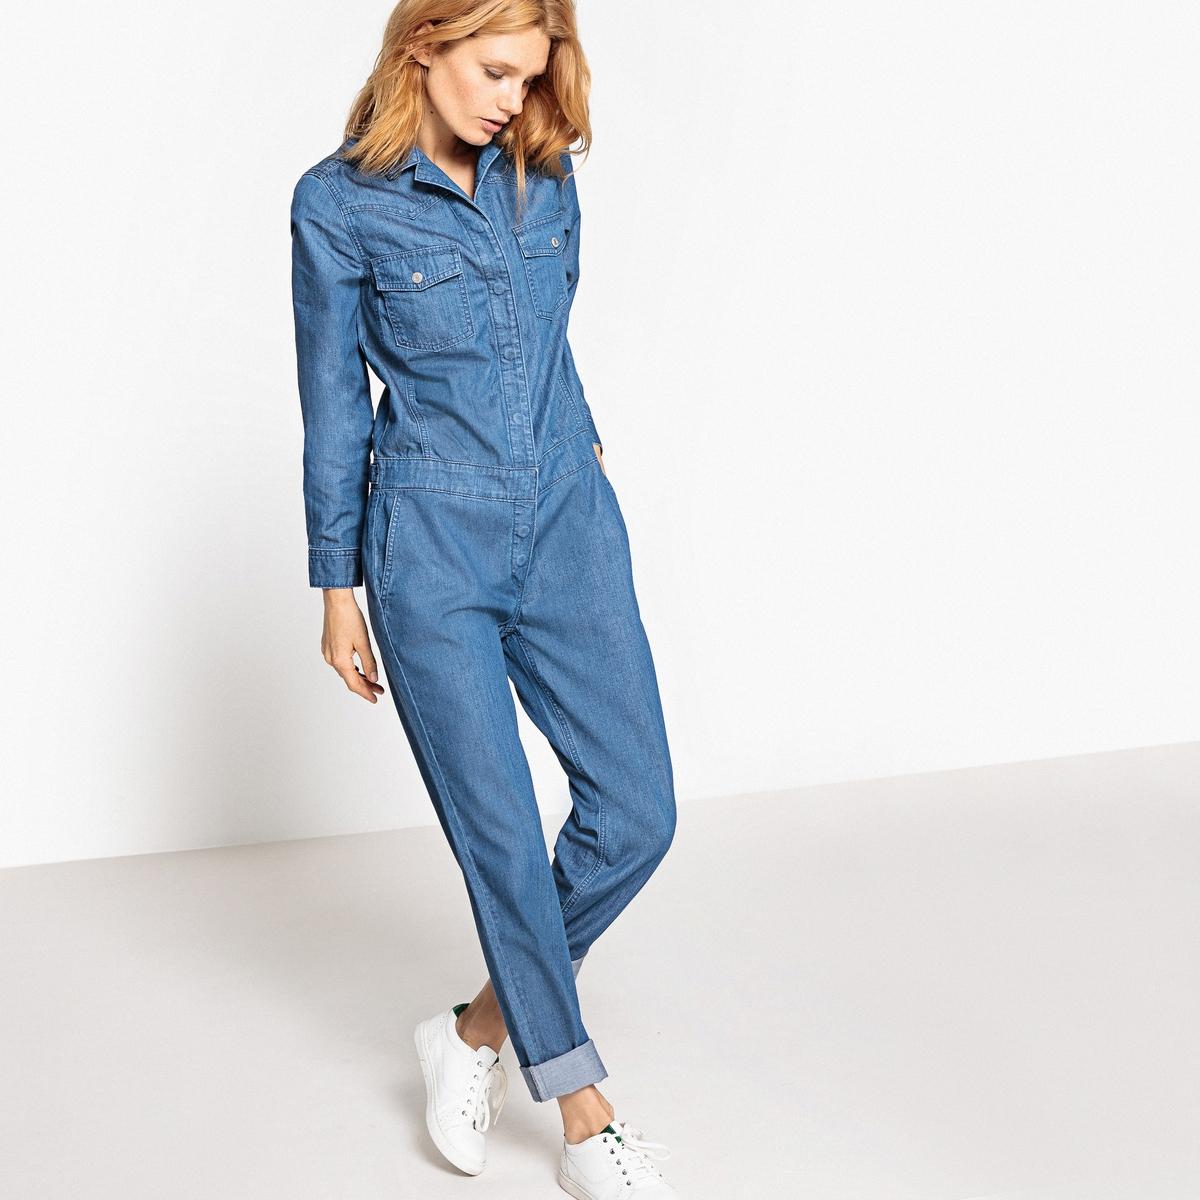 Комбинезон с брюками из денимаДетали •  Покрой слим, дудочки    Состав и уход •  100% хлопок  •  Следуйте советам по уходу, указанным на этикетке<br><br>Цвет: синий потертый<br>Размер: 42 (FR) - 48 (RUS)